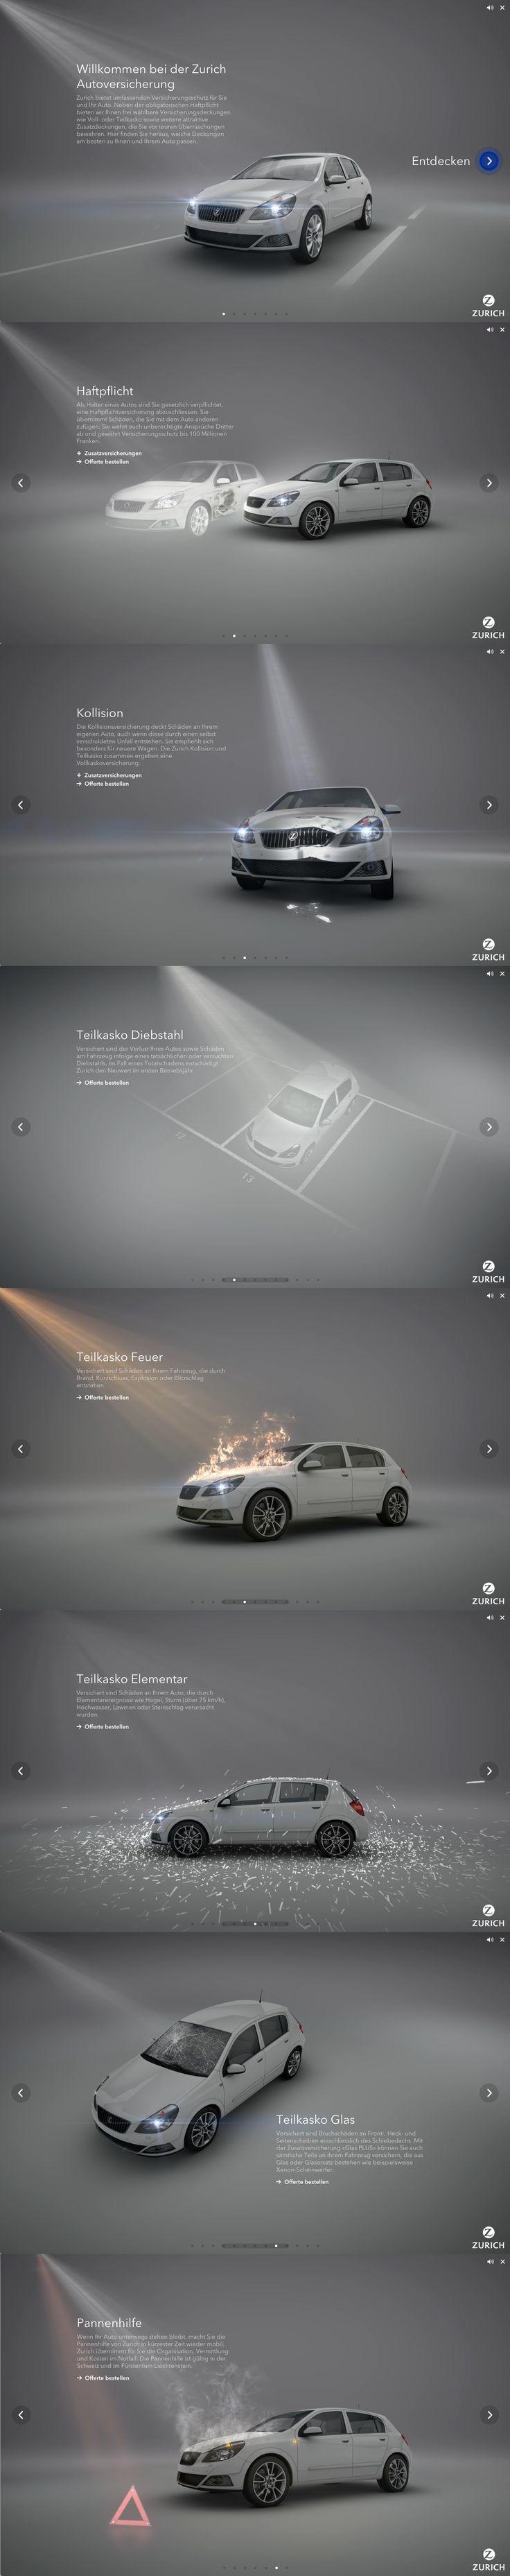 Online-Clips Zurich Autoversicherung  #webdesign #hinderlingvolkart #design #indentity #ux #ui